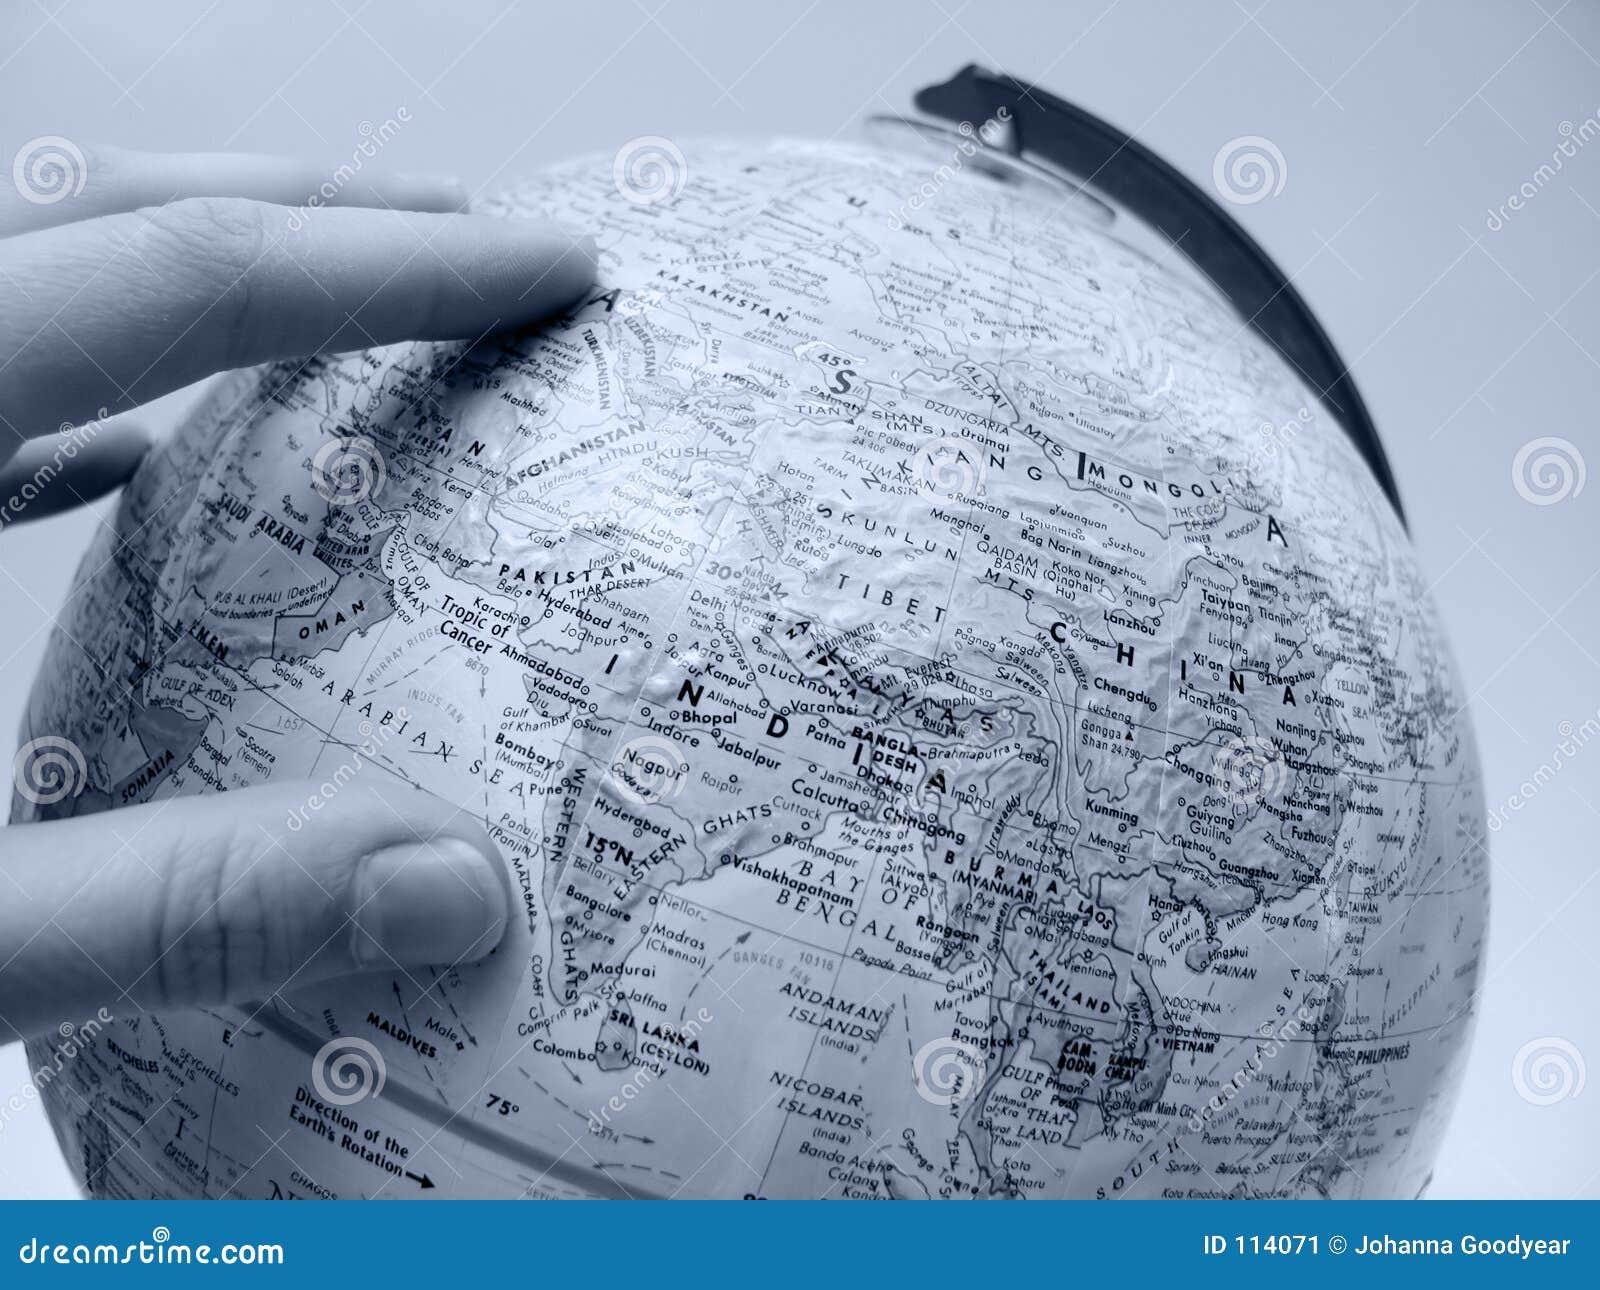 Estudo da terra: Ásia